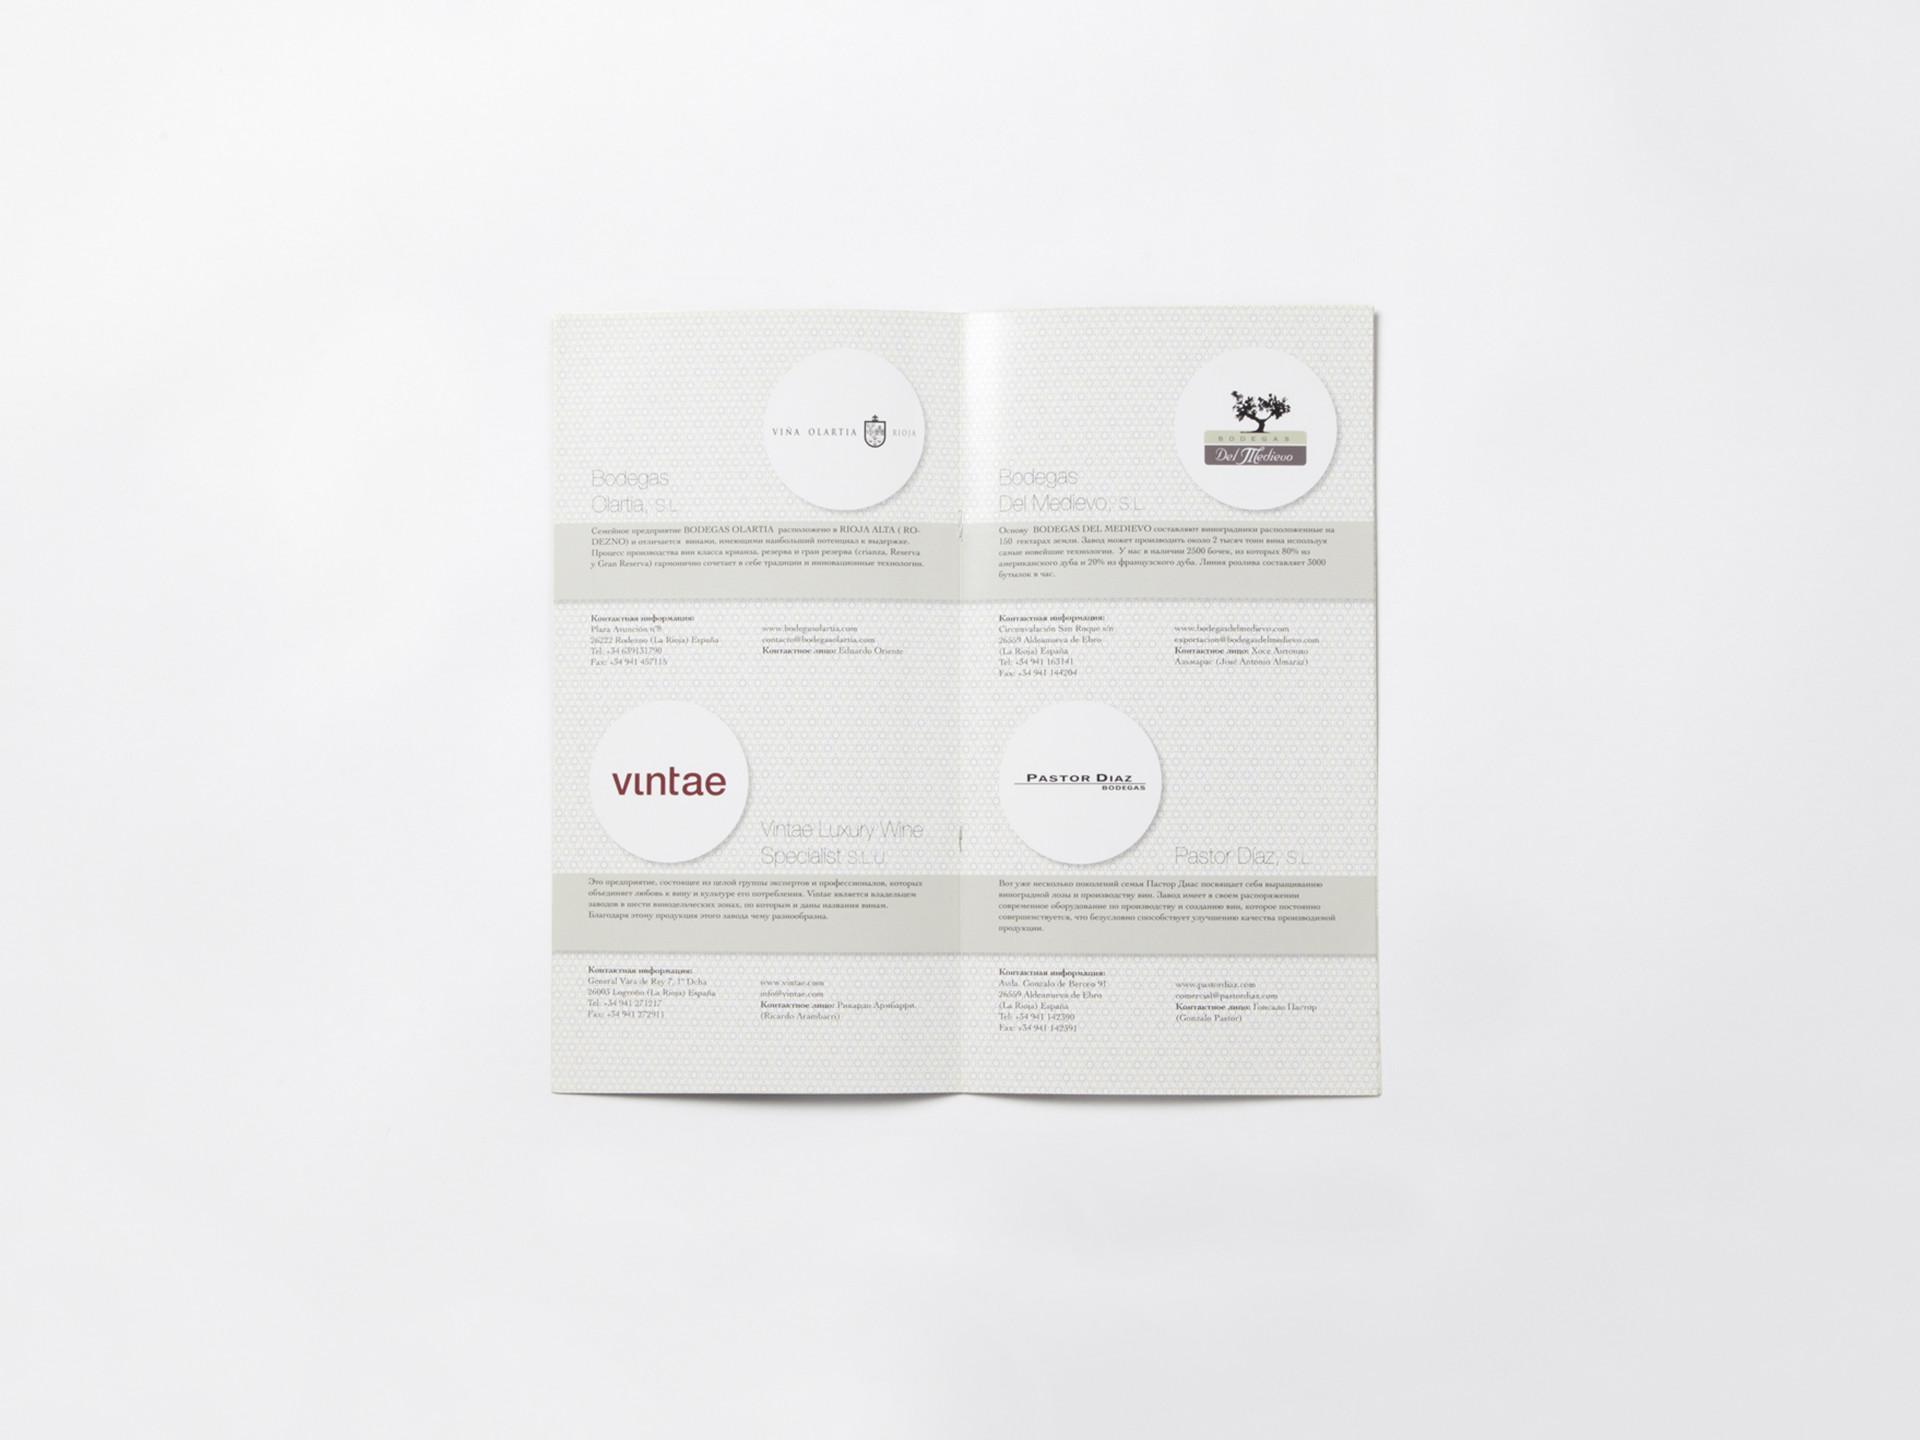 diseño catalogo promocional exportacion vino